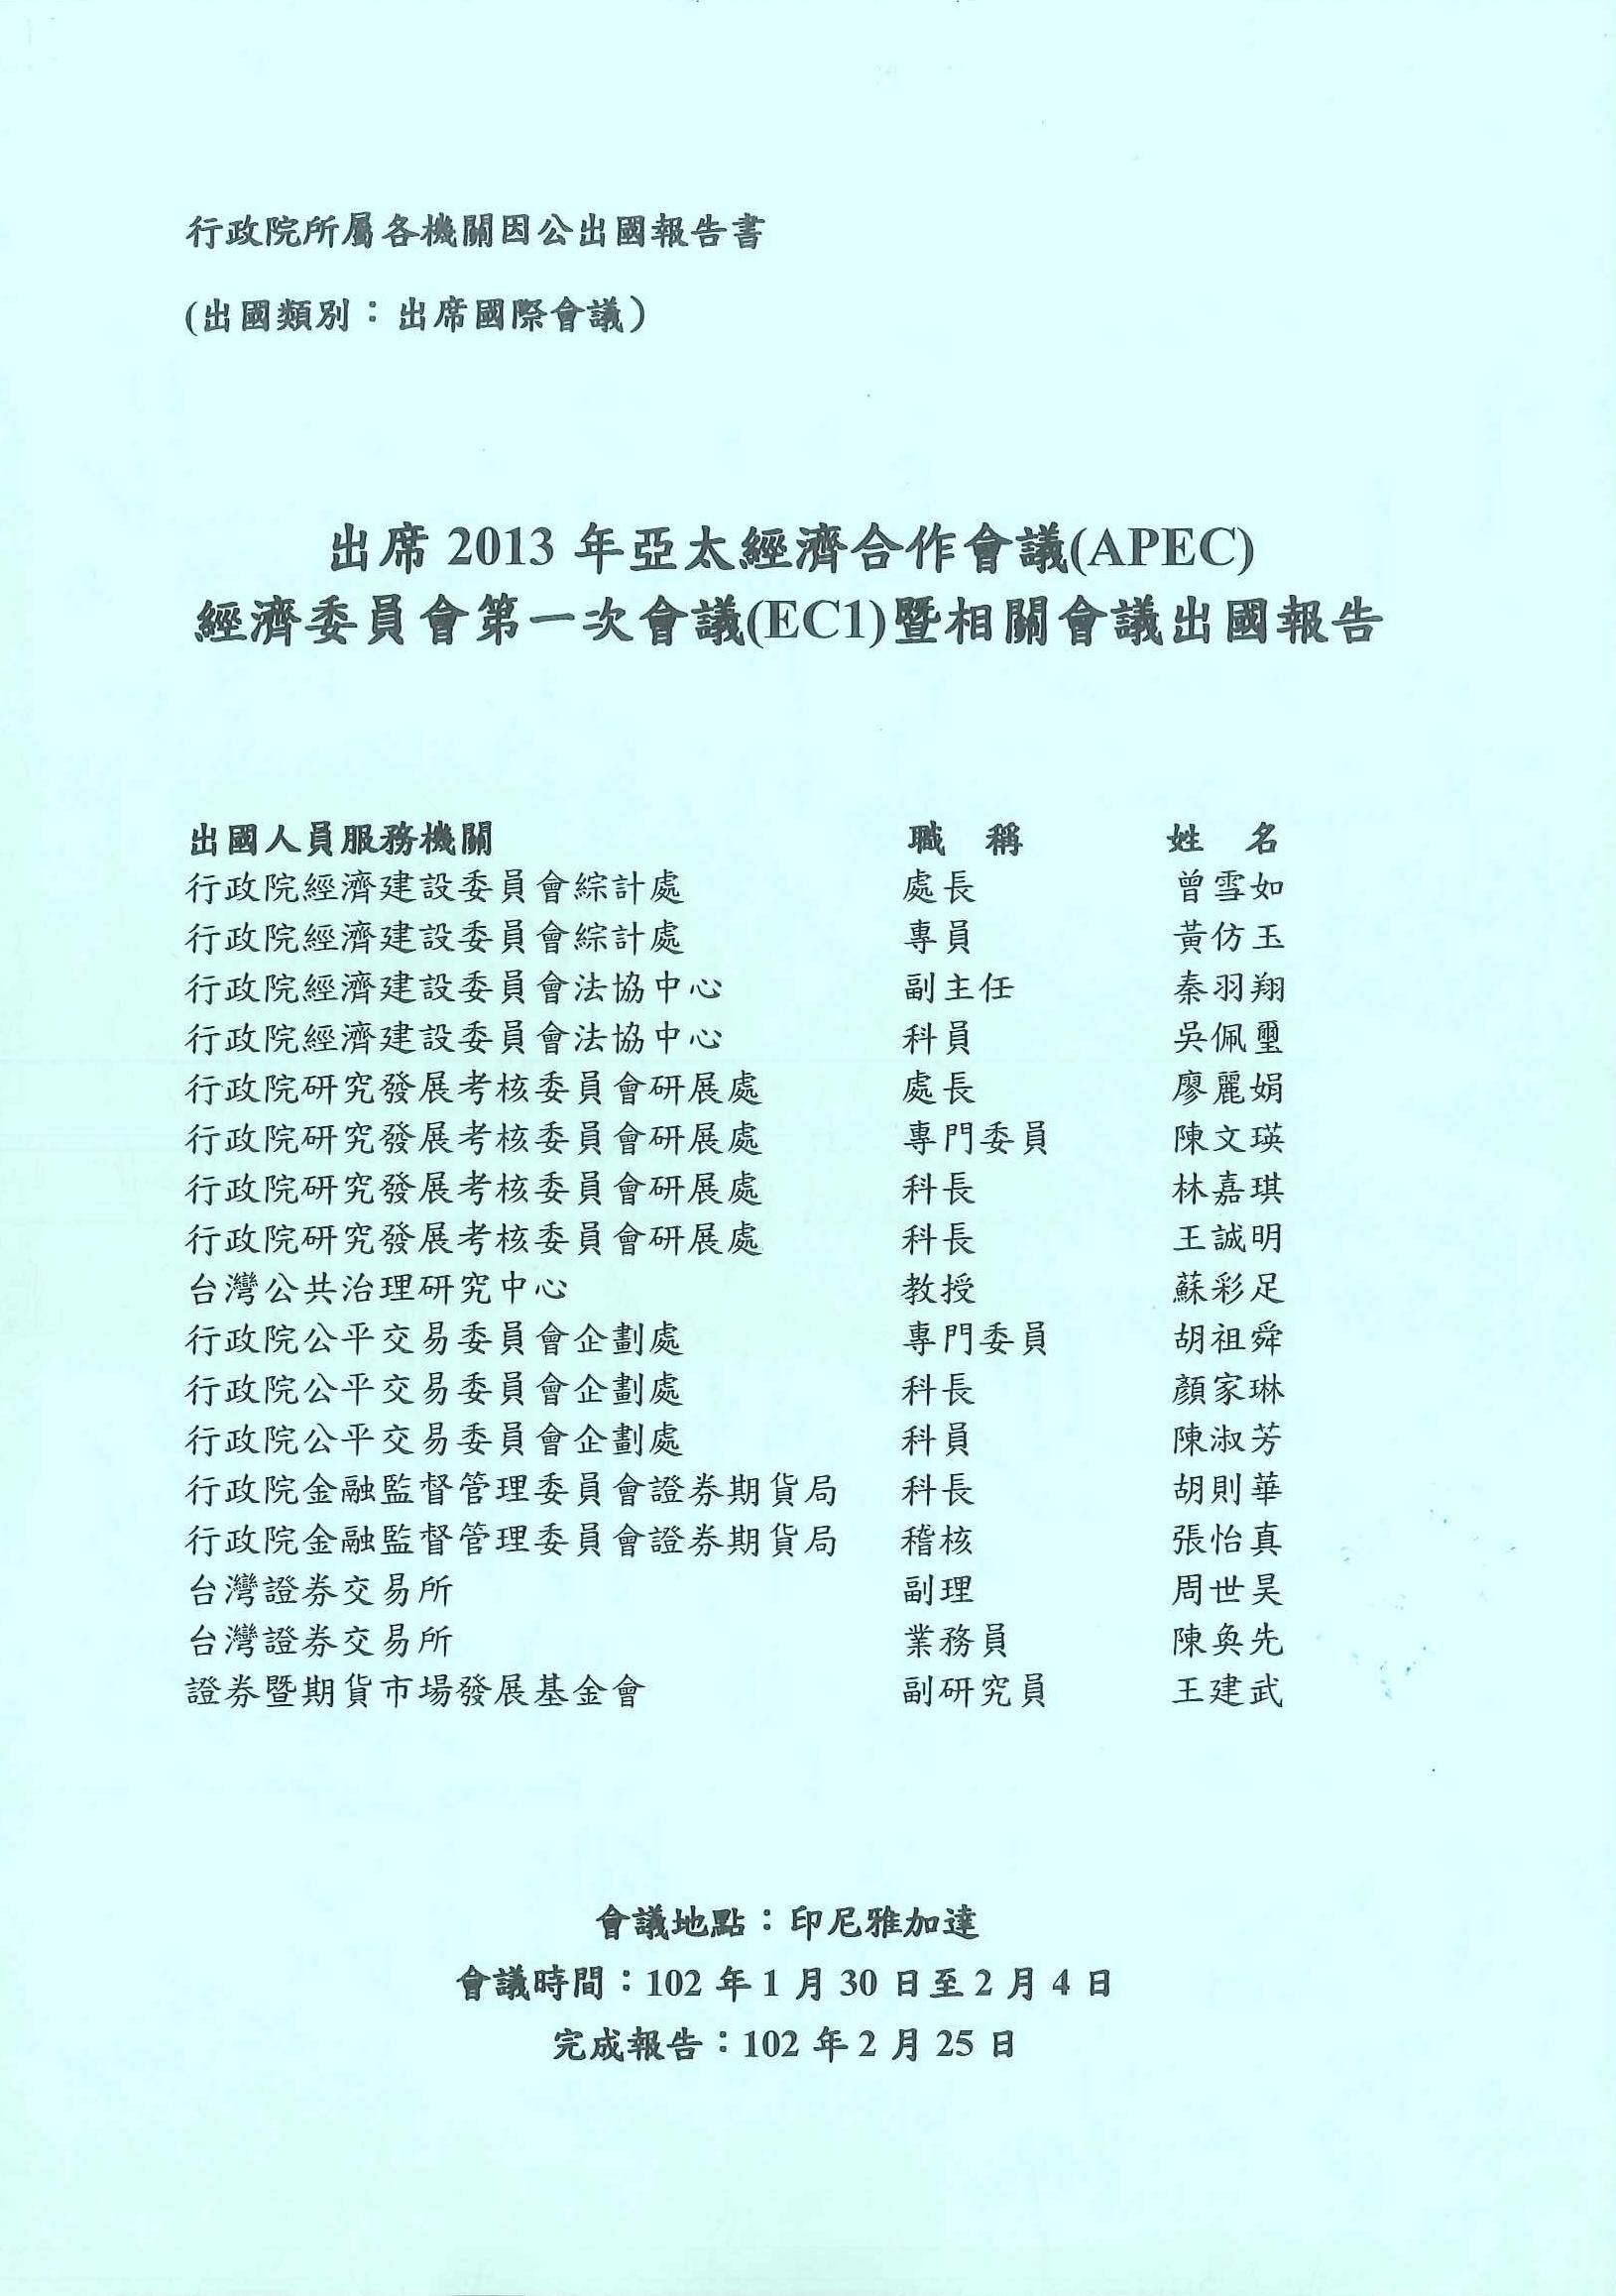 出席2013年亞太經濟合作會議(APEC)經濟委員會(EC)第一次會議暨相關會議出國報告